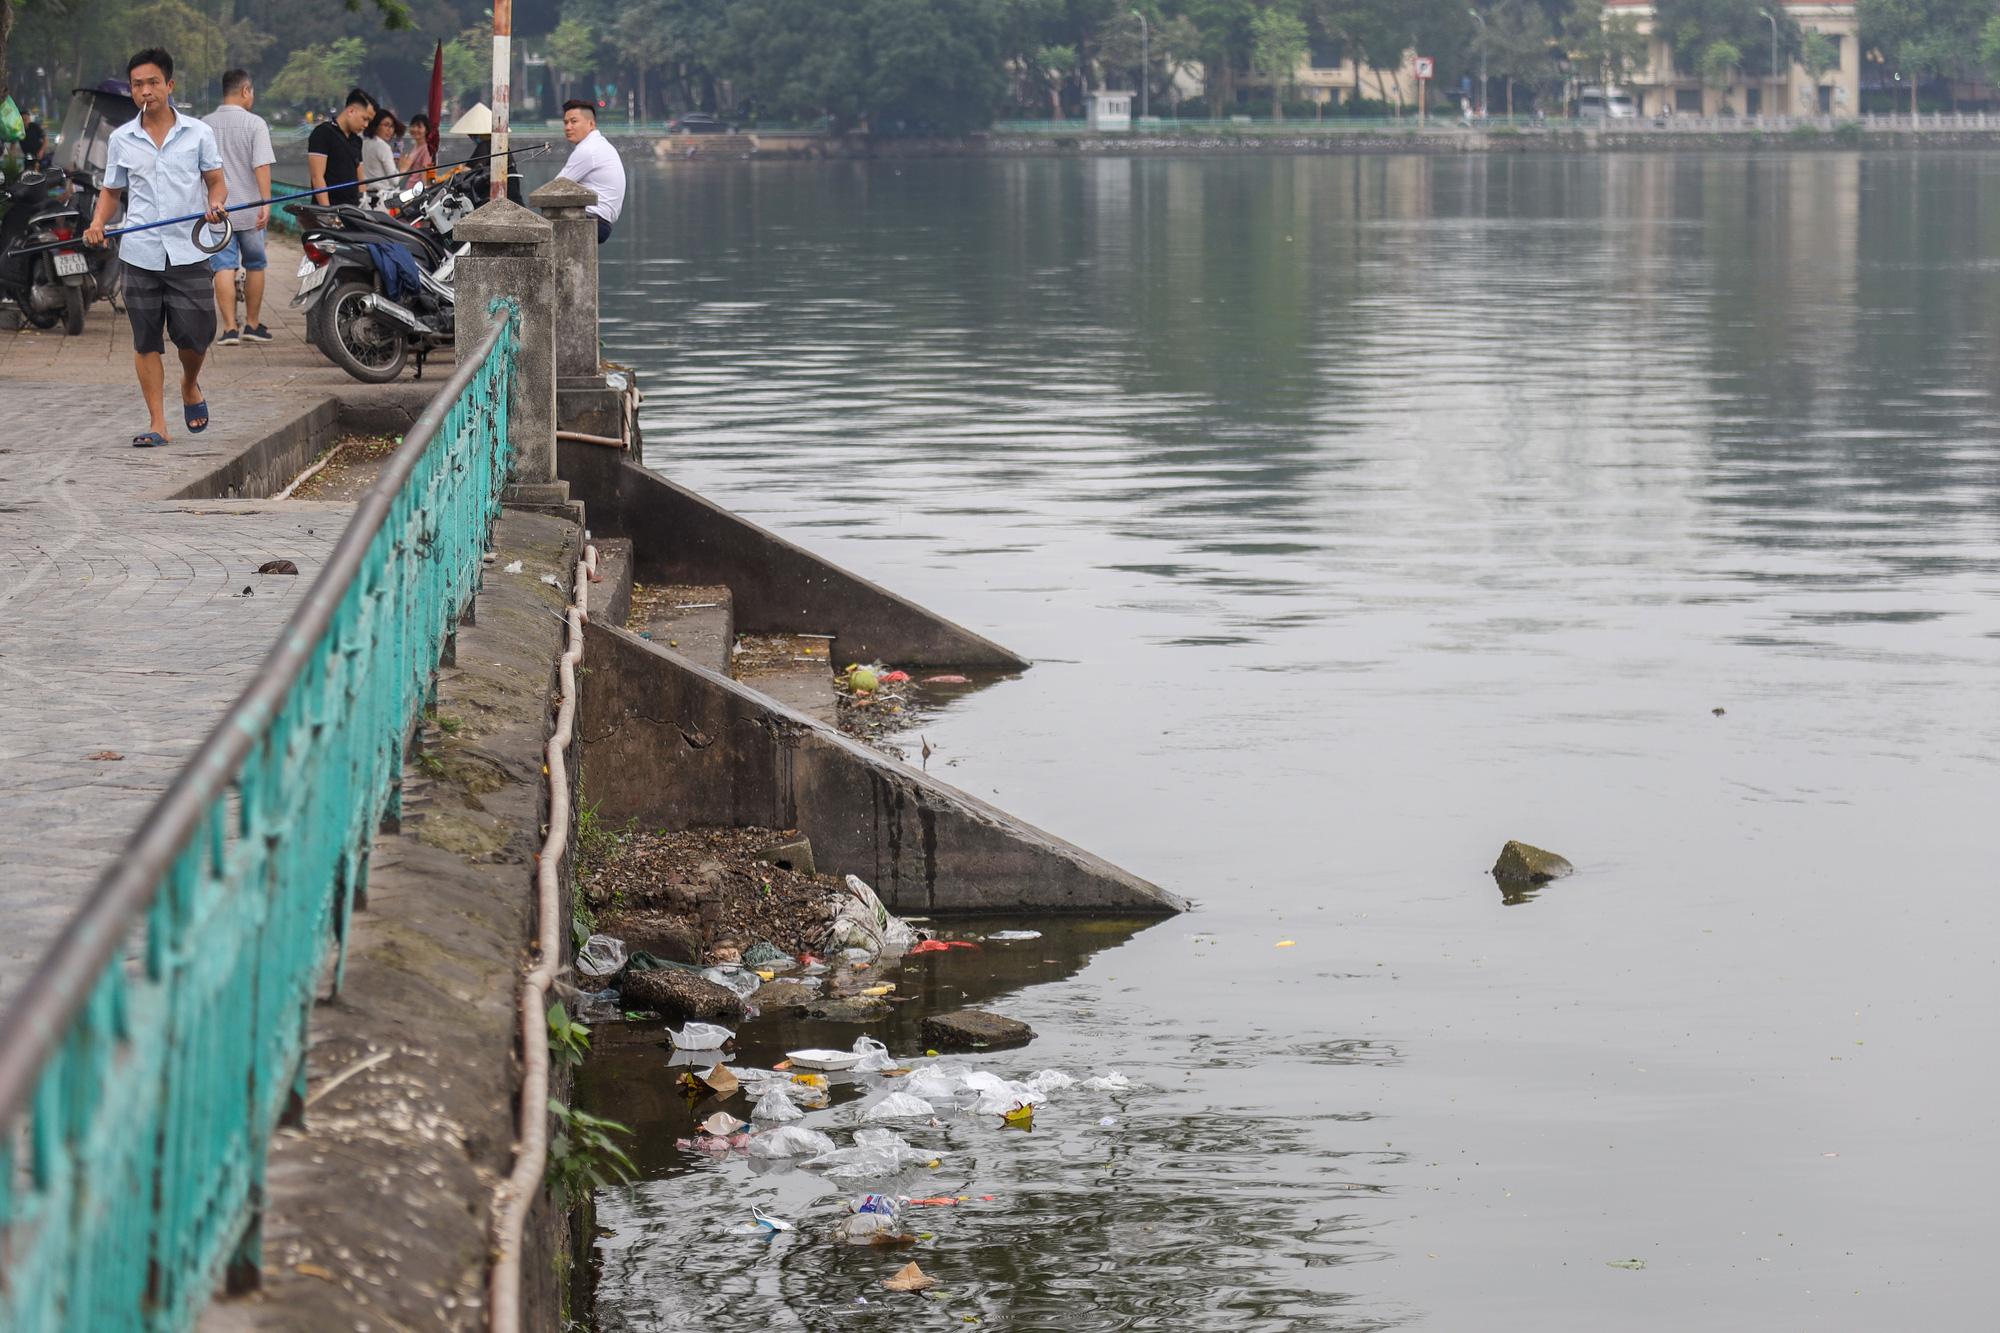 Nước hồ Tây ô nhiễm, Hà Nội yêu cầu Công ty Phú Điền nghiên cứu cải thiện môi trường - Ảnh 1.